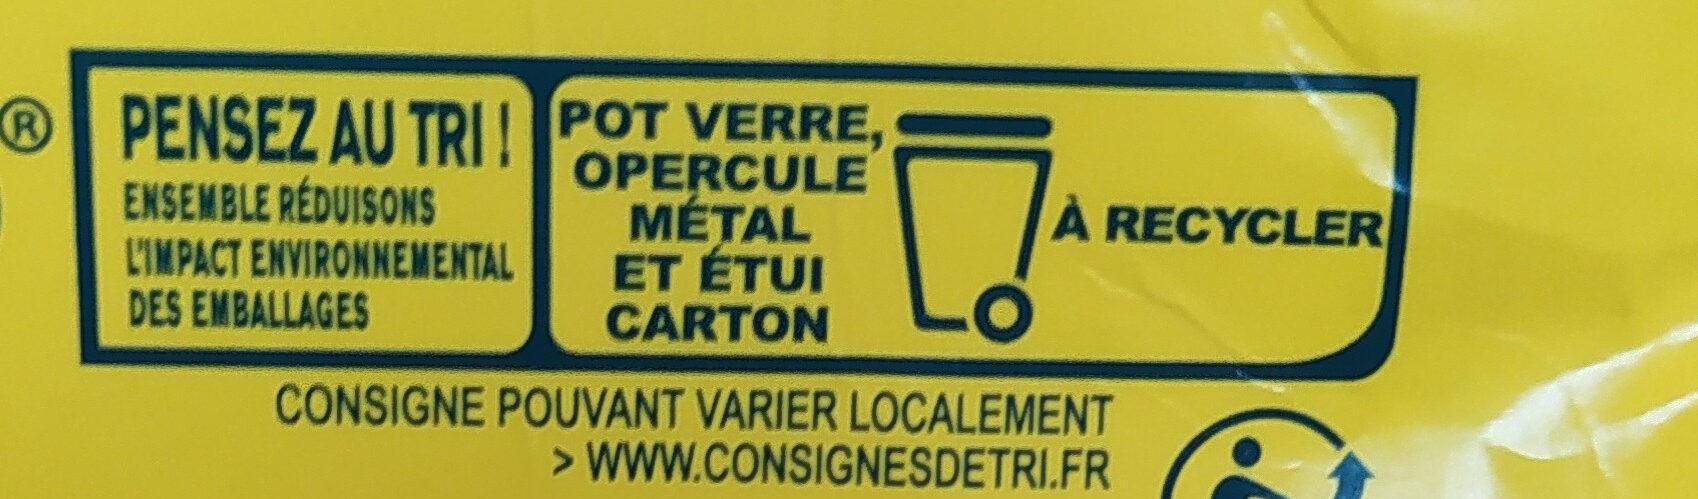 Petit Pot de Crème Saveur Vanille (4 x 100 g) - Instruction de recyclage et/ou informations d'emballage - fr